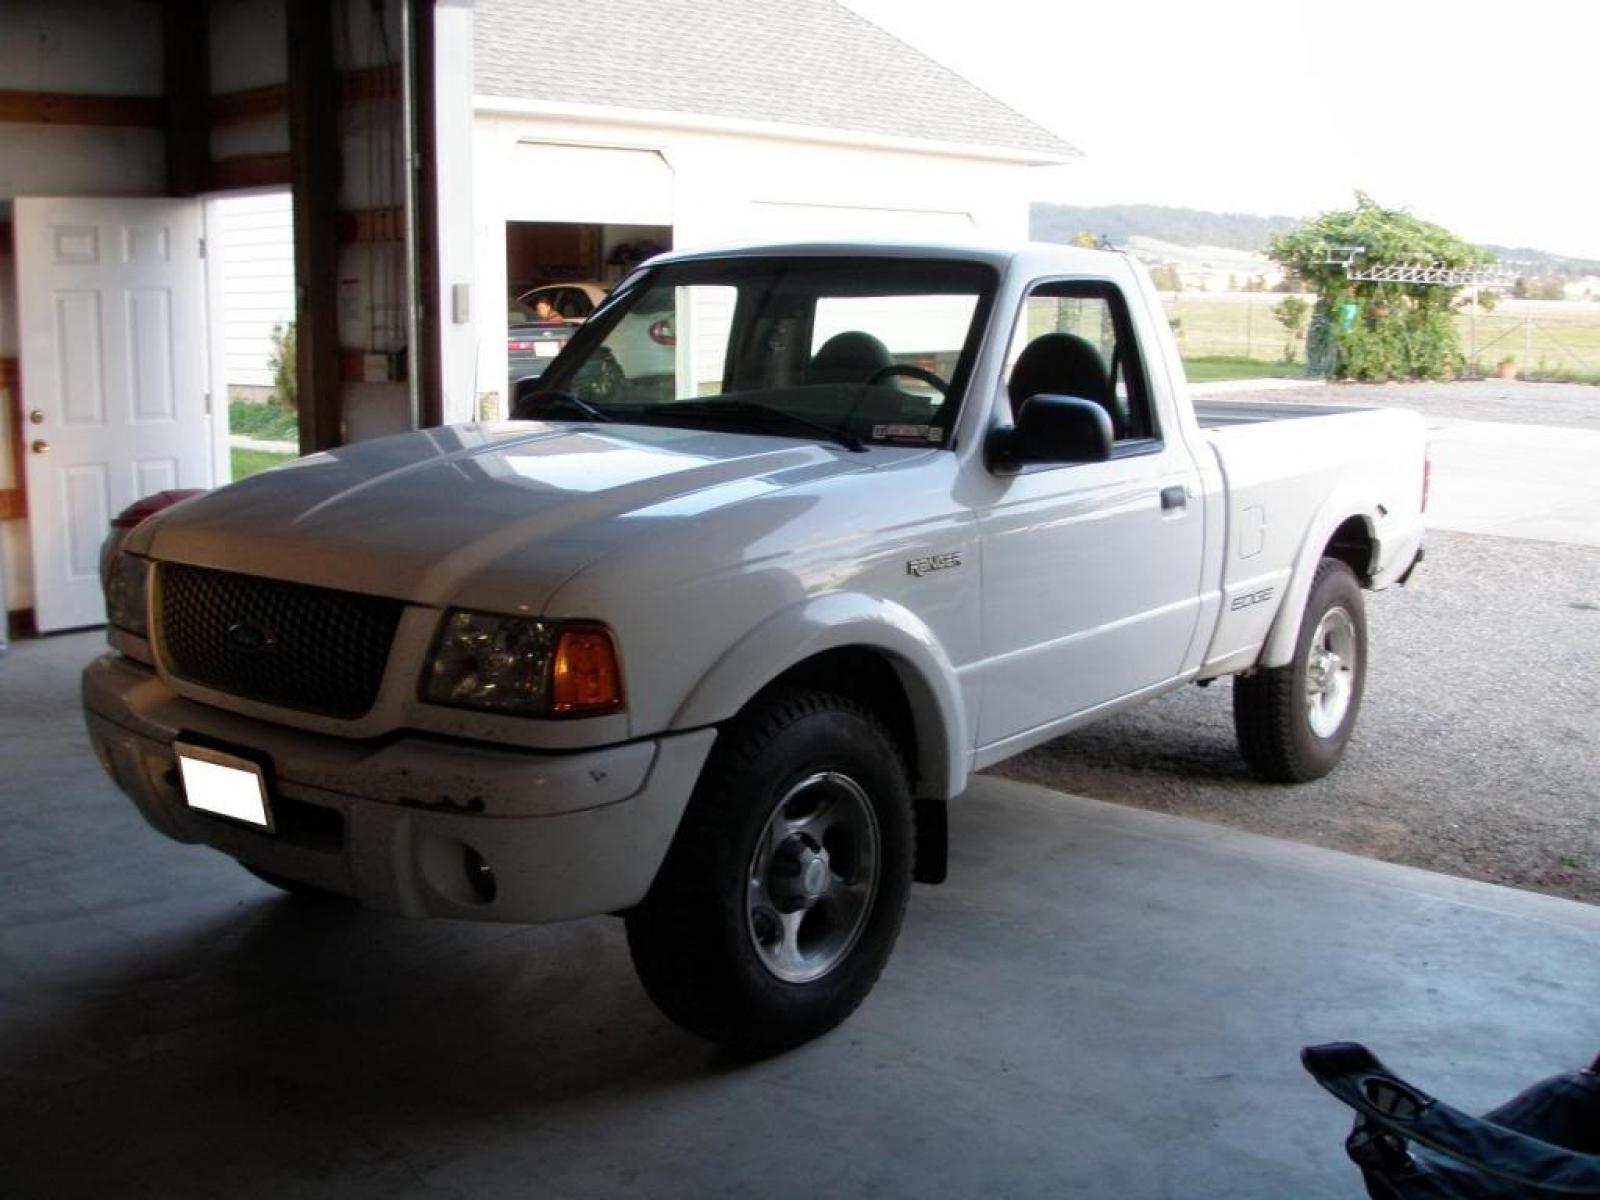 800 1024 1280 1600 Origin 2001 Ford Ranger